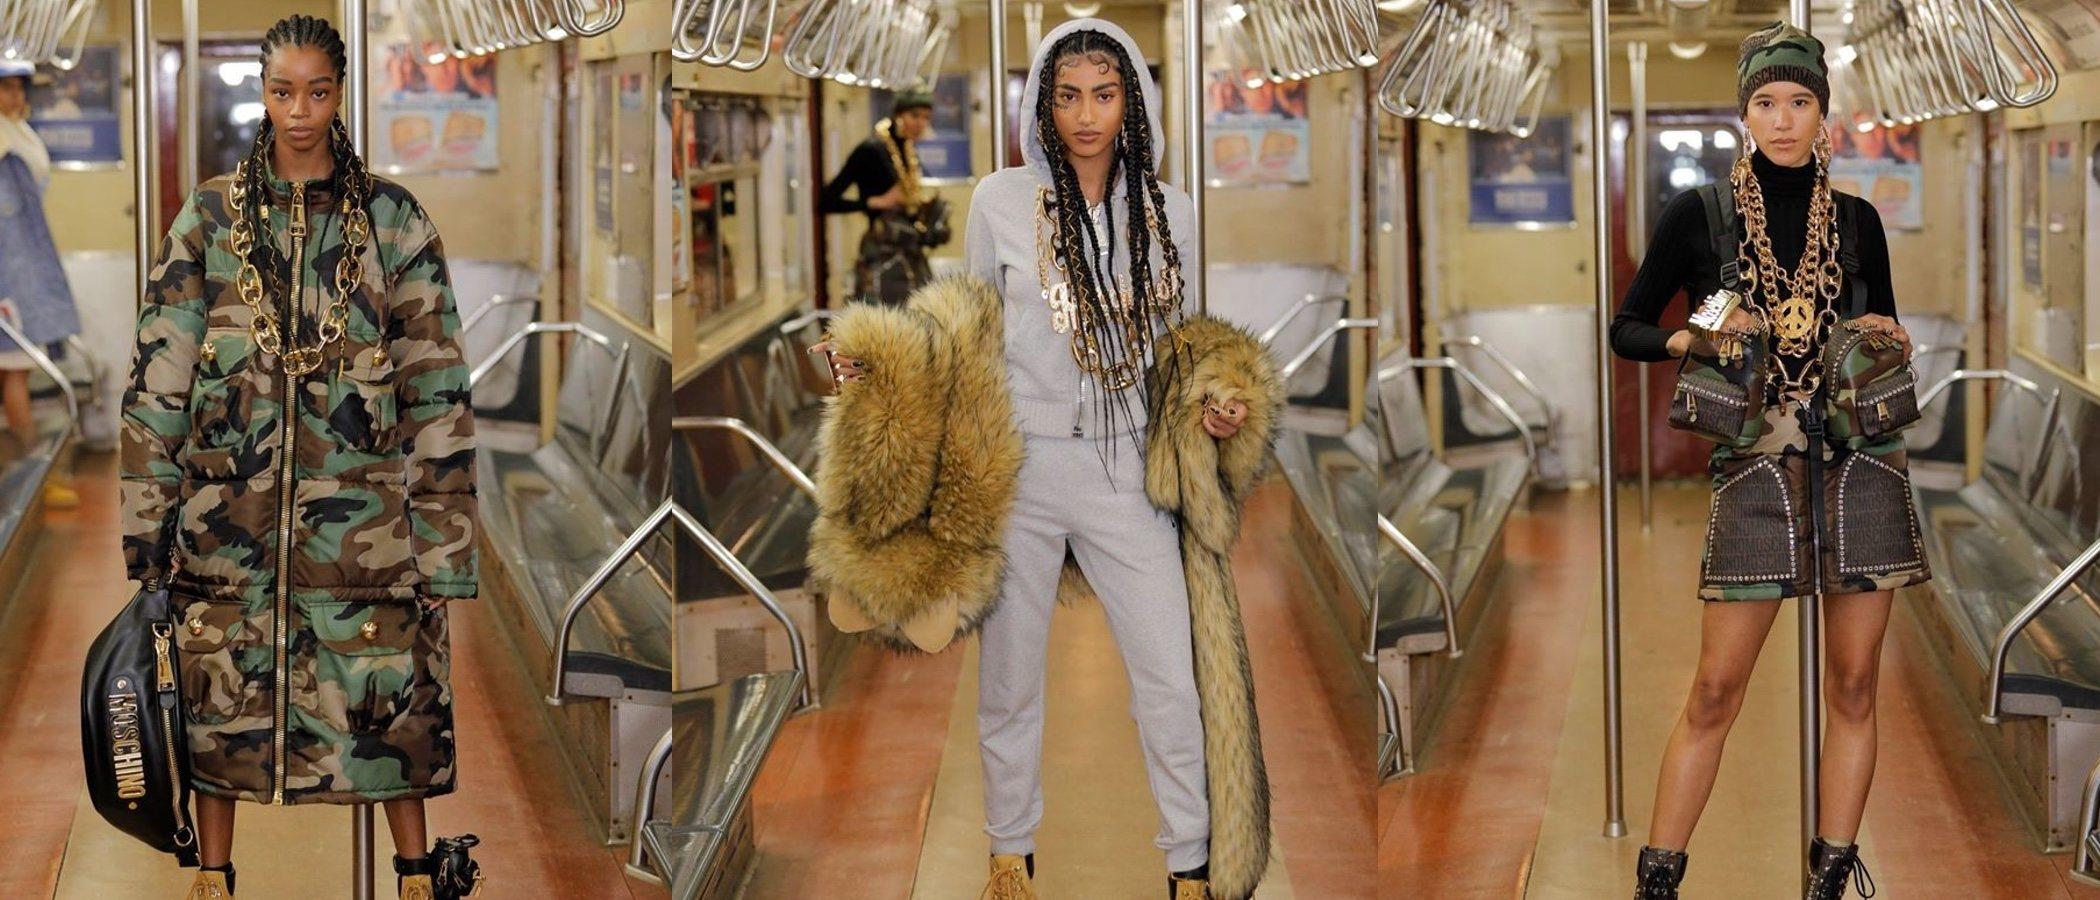 El metro de Nueva York se convierte en la última pasarela para el desfile de Moschino